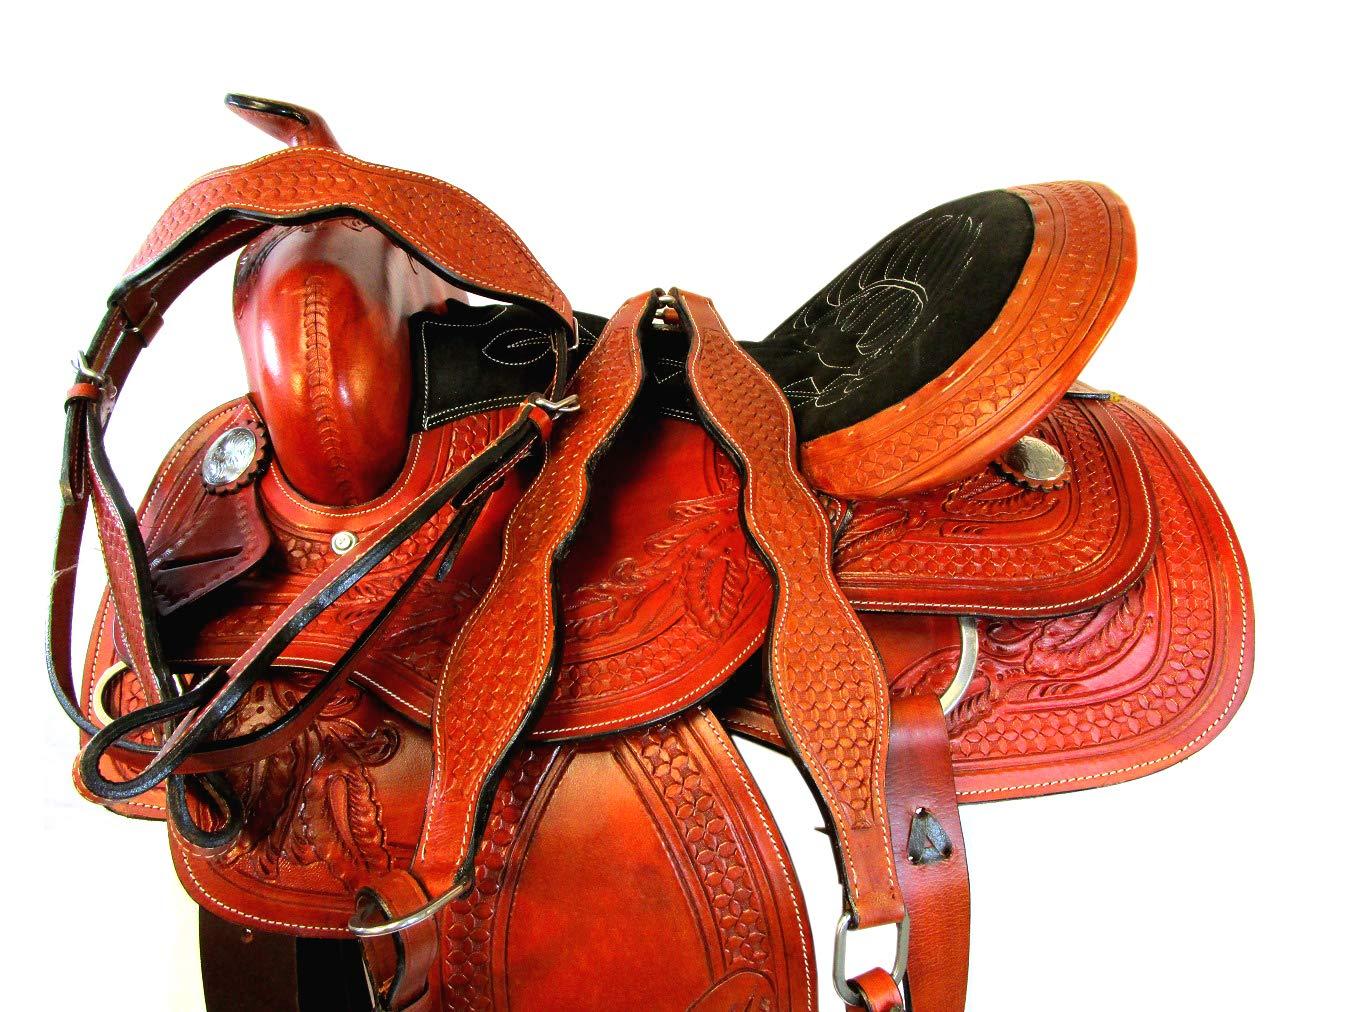 Amazon.com : Tooled Leather 15 16 17 Saddle Western SILLAS ...